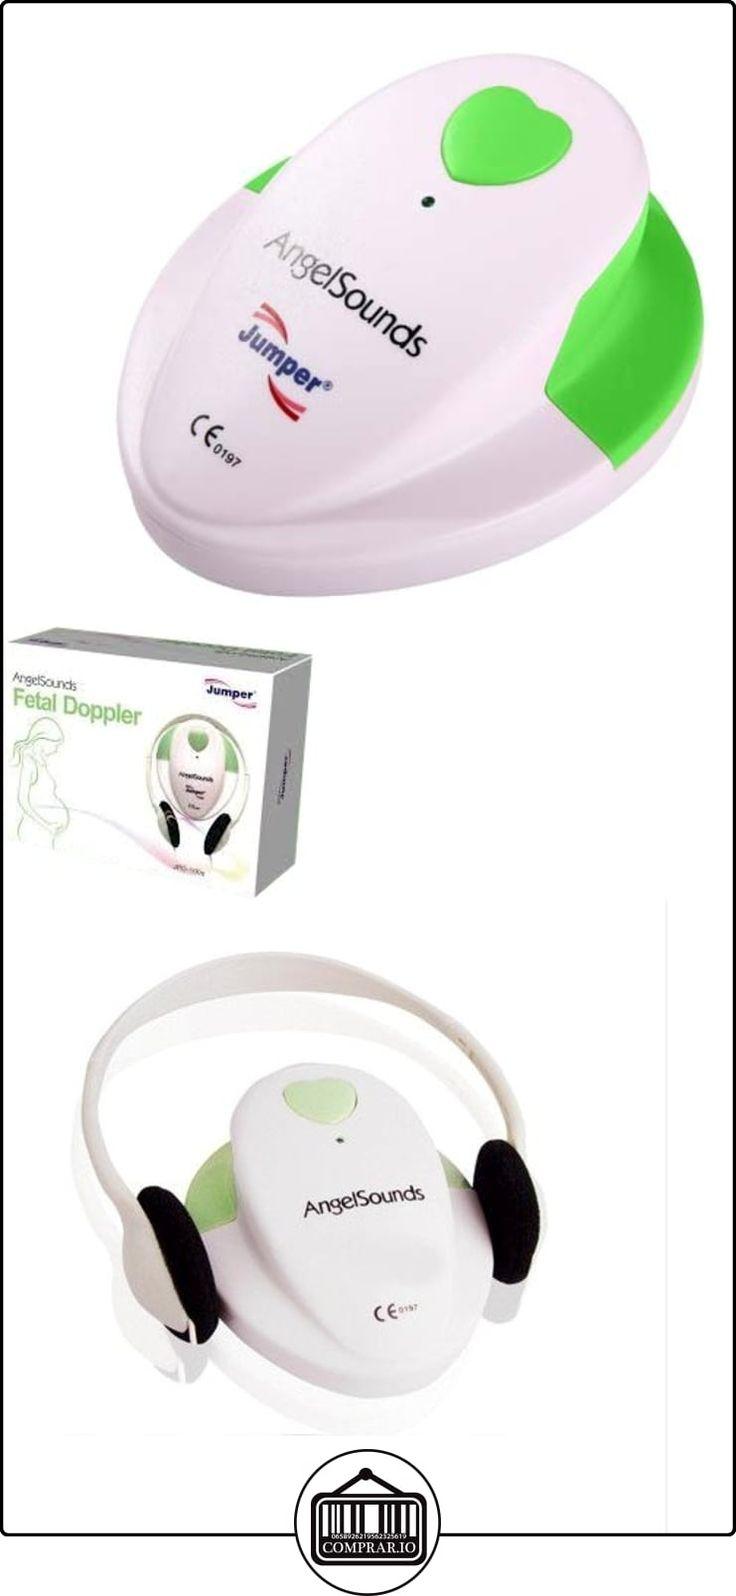 Jumper Medical - Doppler Fetal JPD-100S, dispositivo de ultrasonido manual, con sonda de 3,0 MHz para escuchar los latidos del corazón del bebé, CE, FDA, ISO, RoHS, con auriculares, 2 baterías AA, cable de grabación de audio, de color bianco-verde  ✿ Vigilabebés - Seguridad ✿ ▬► Ver oferta: http://comprar.io/goto/B01MS7UK2P